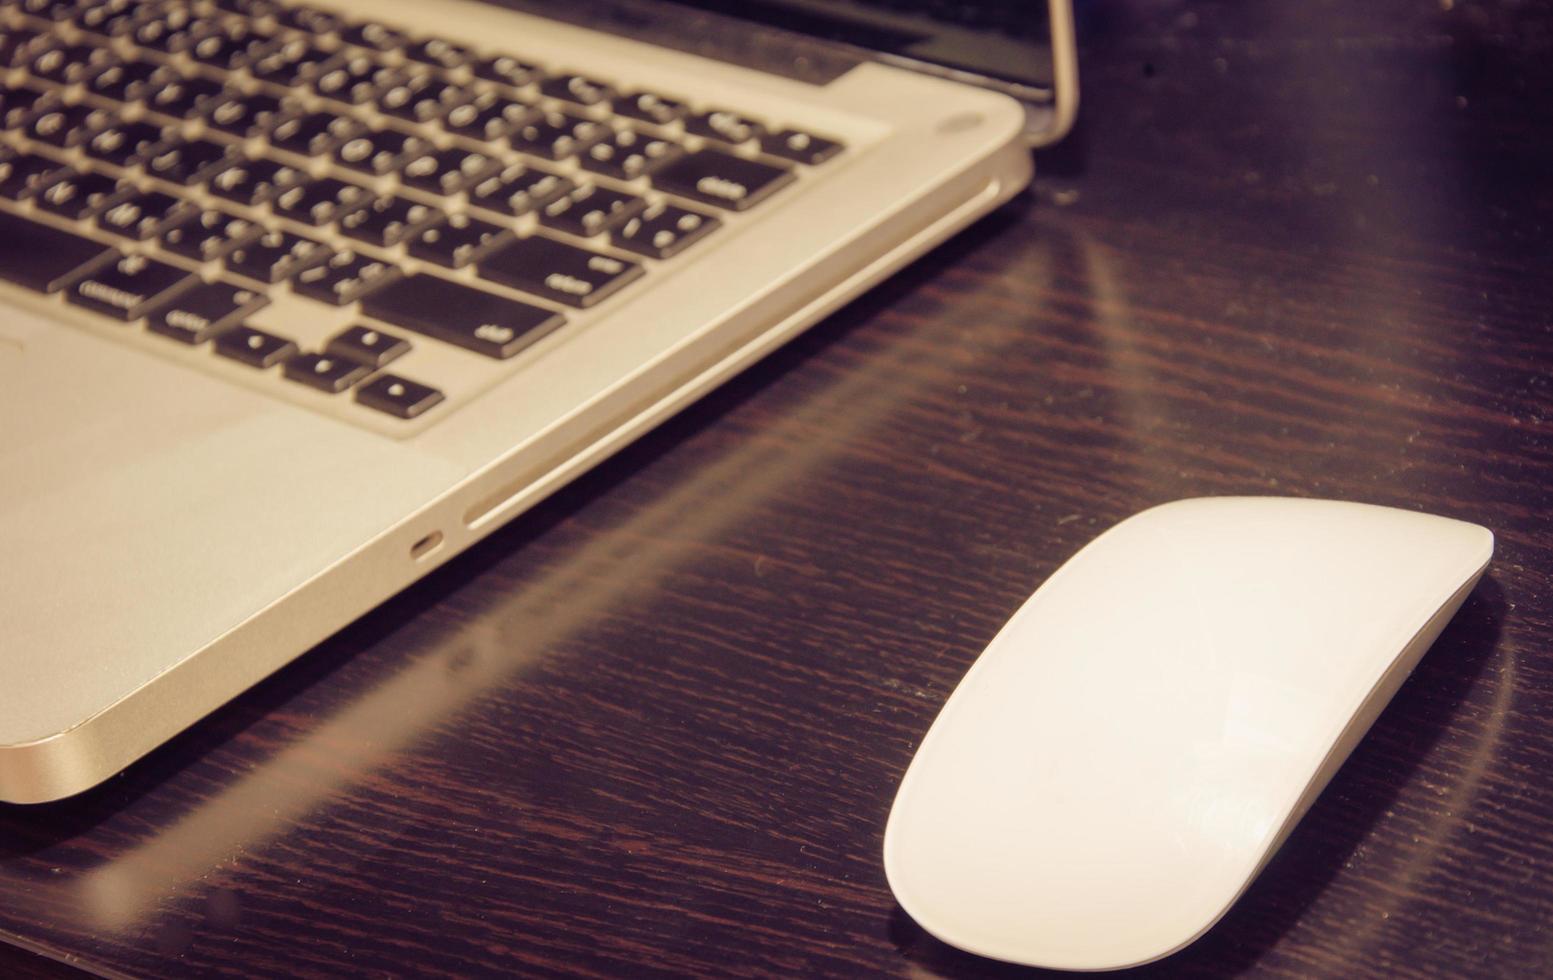 souris et ordinateur portable photo